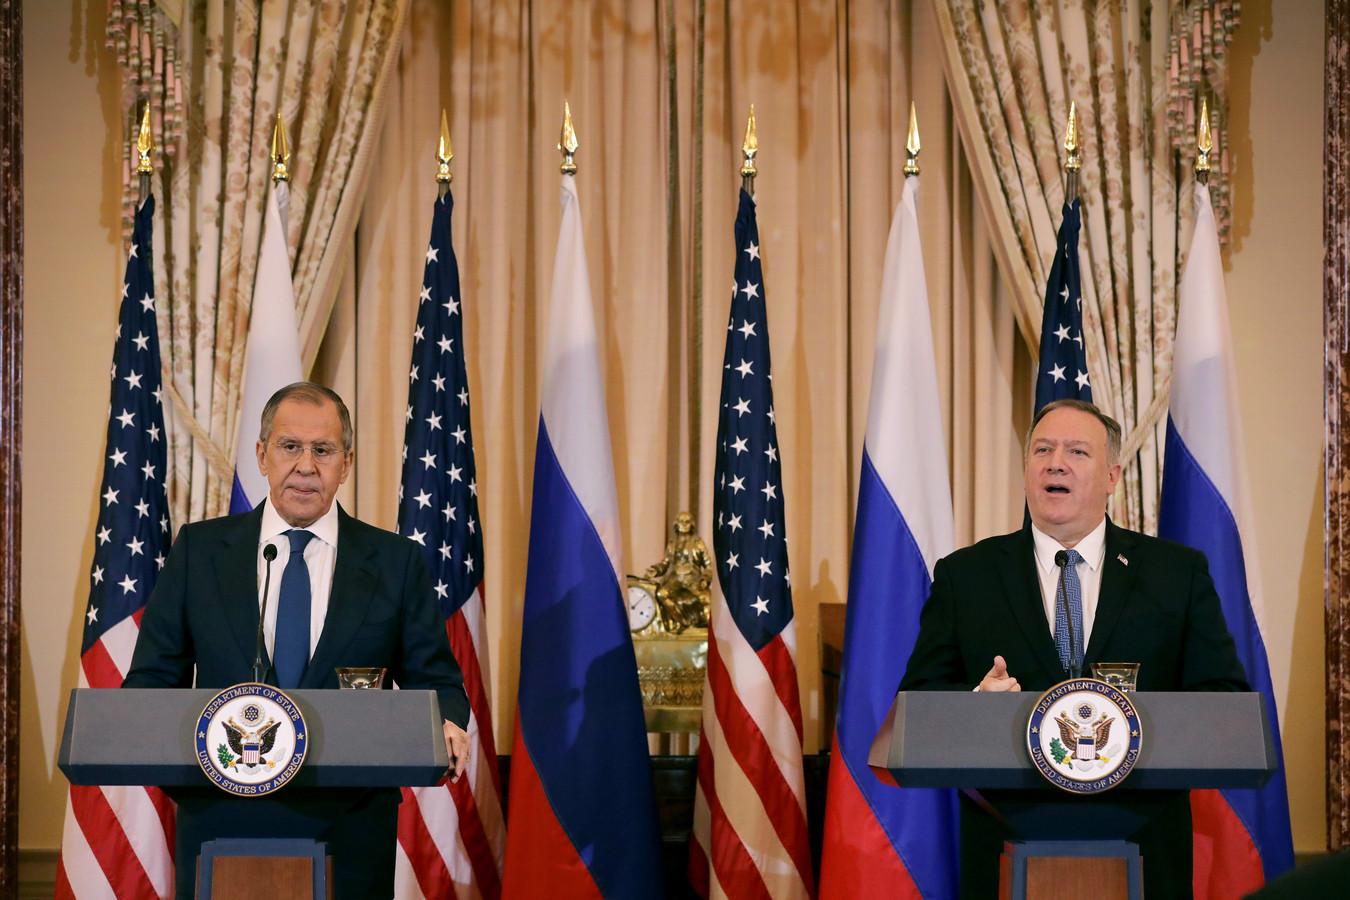 De Russische en Amerikaanse ministers van Buitenlandse Zaken Sergej Lavrov (links) en Mike Pompeo (rechts) tijdens een gezamenlijke persconferentie na hun ontmoeting dinsdag in Washington.